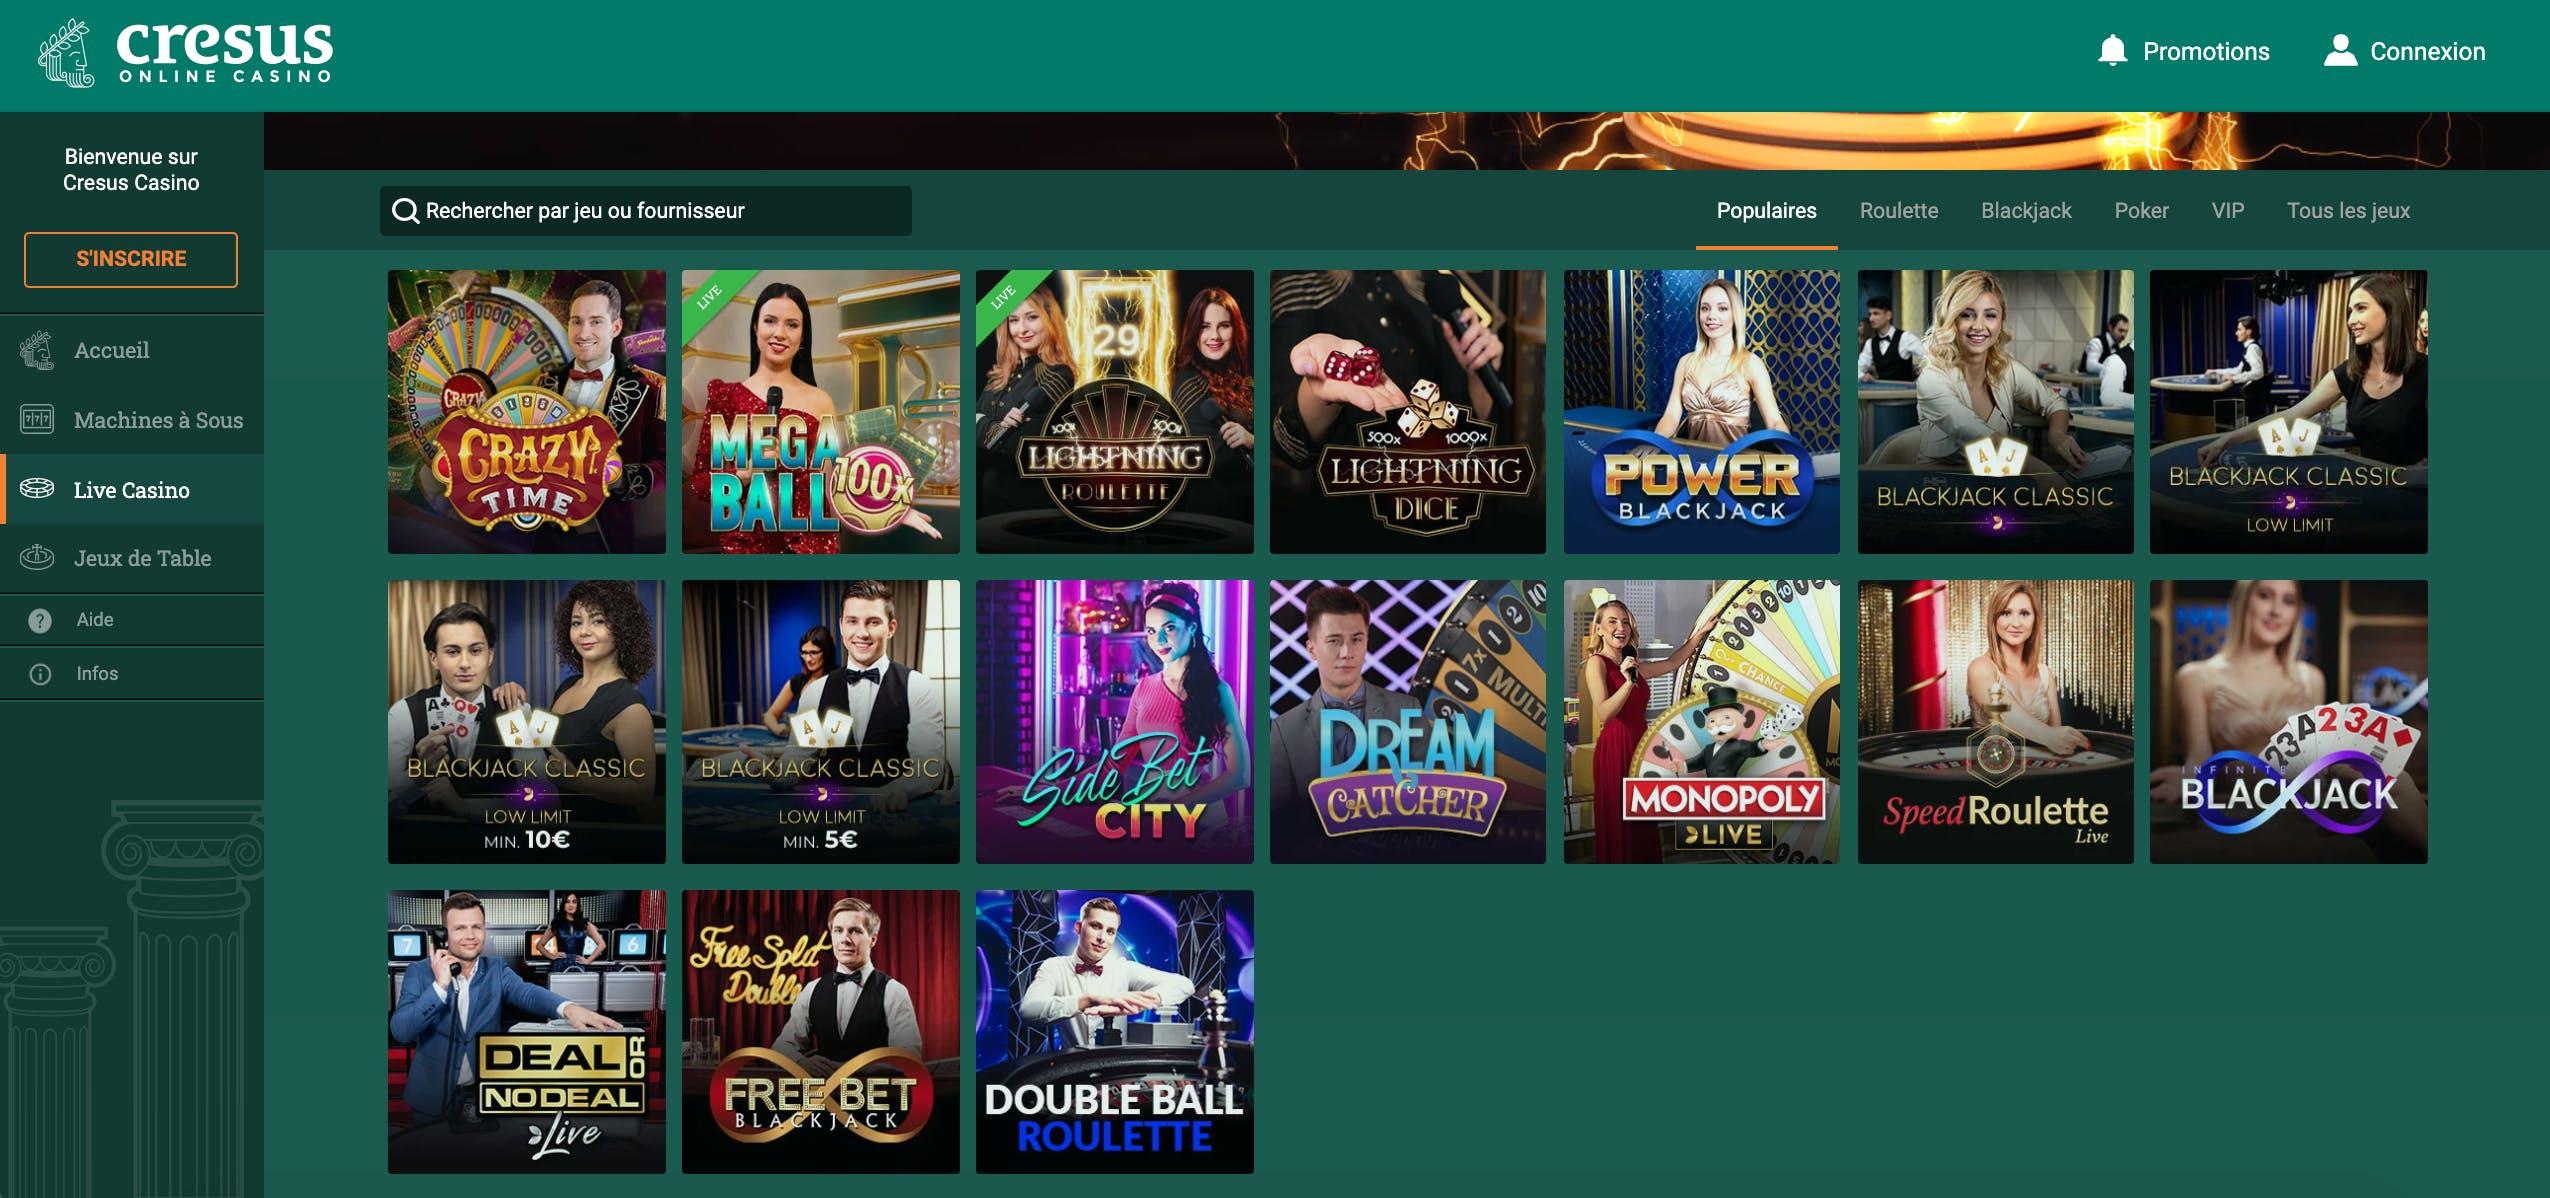 live casino cresus casino